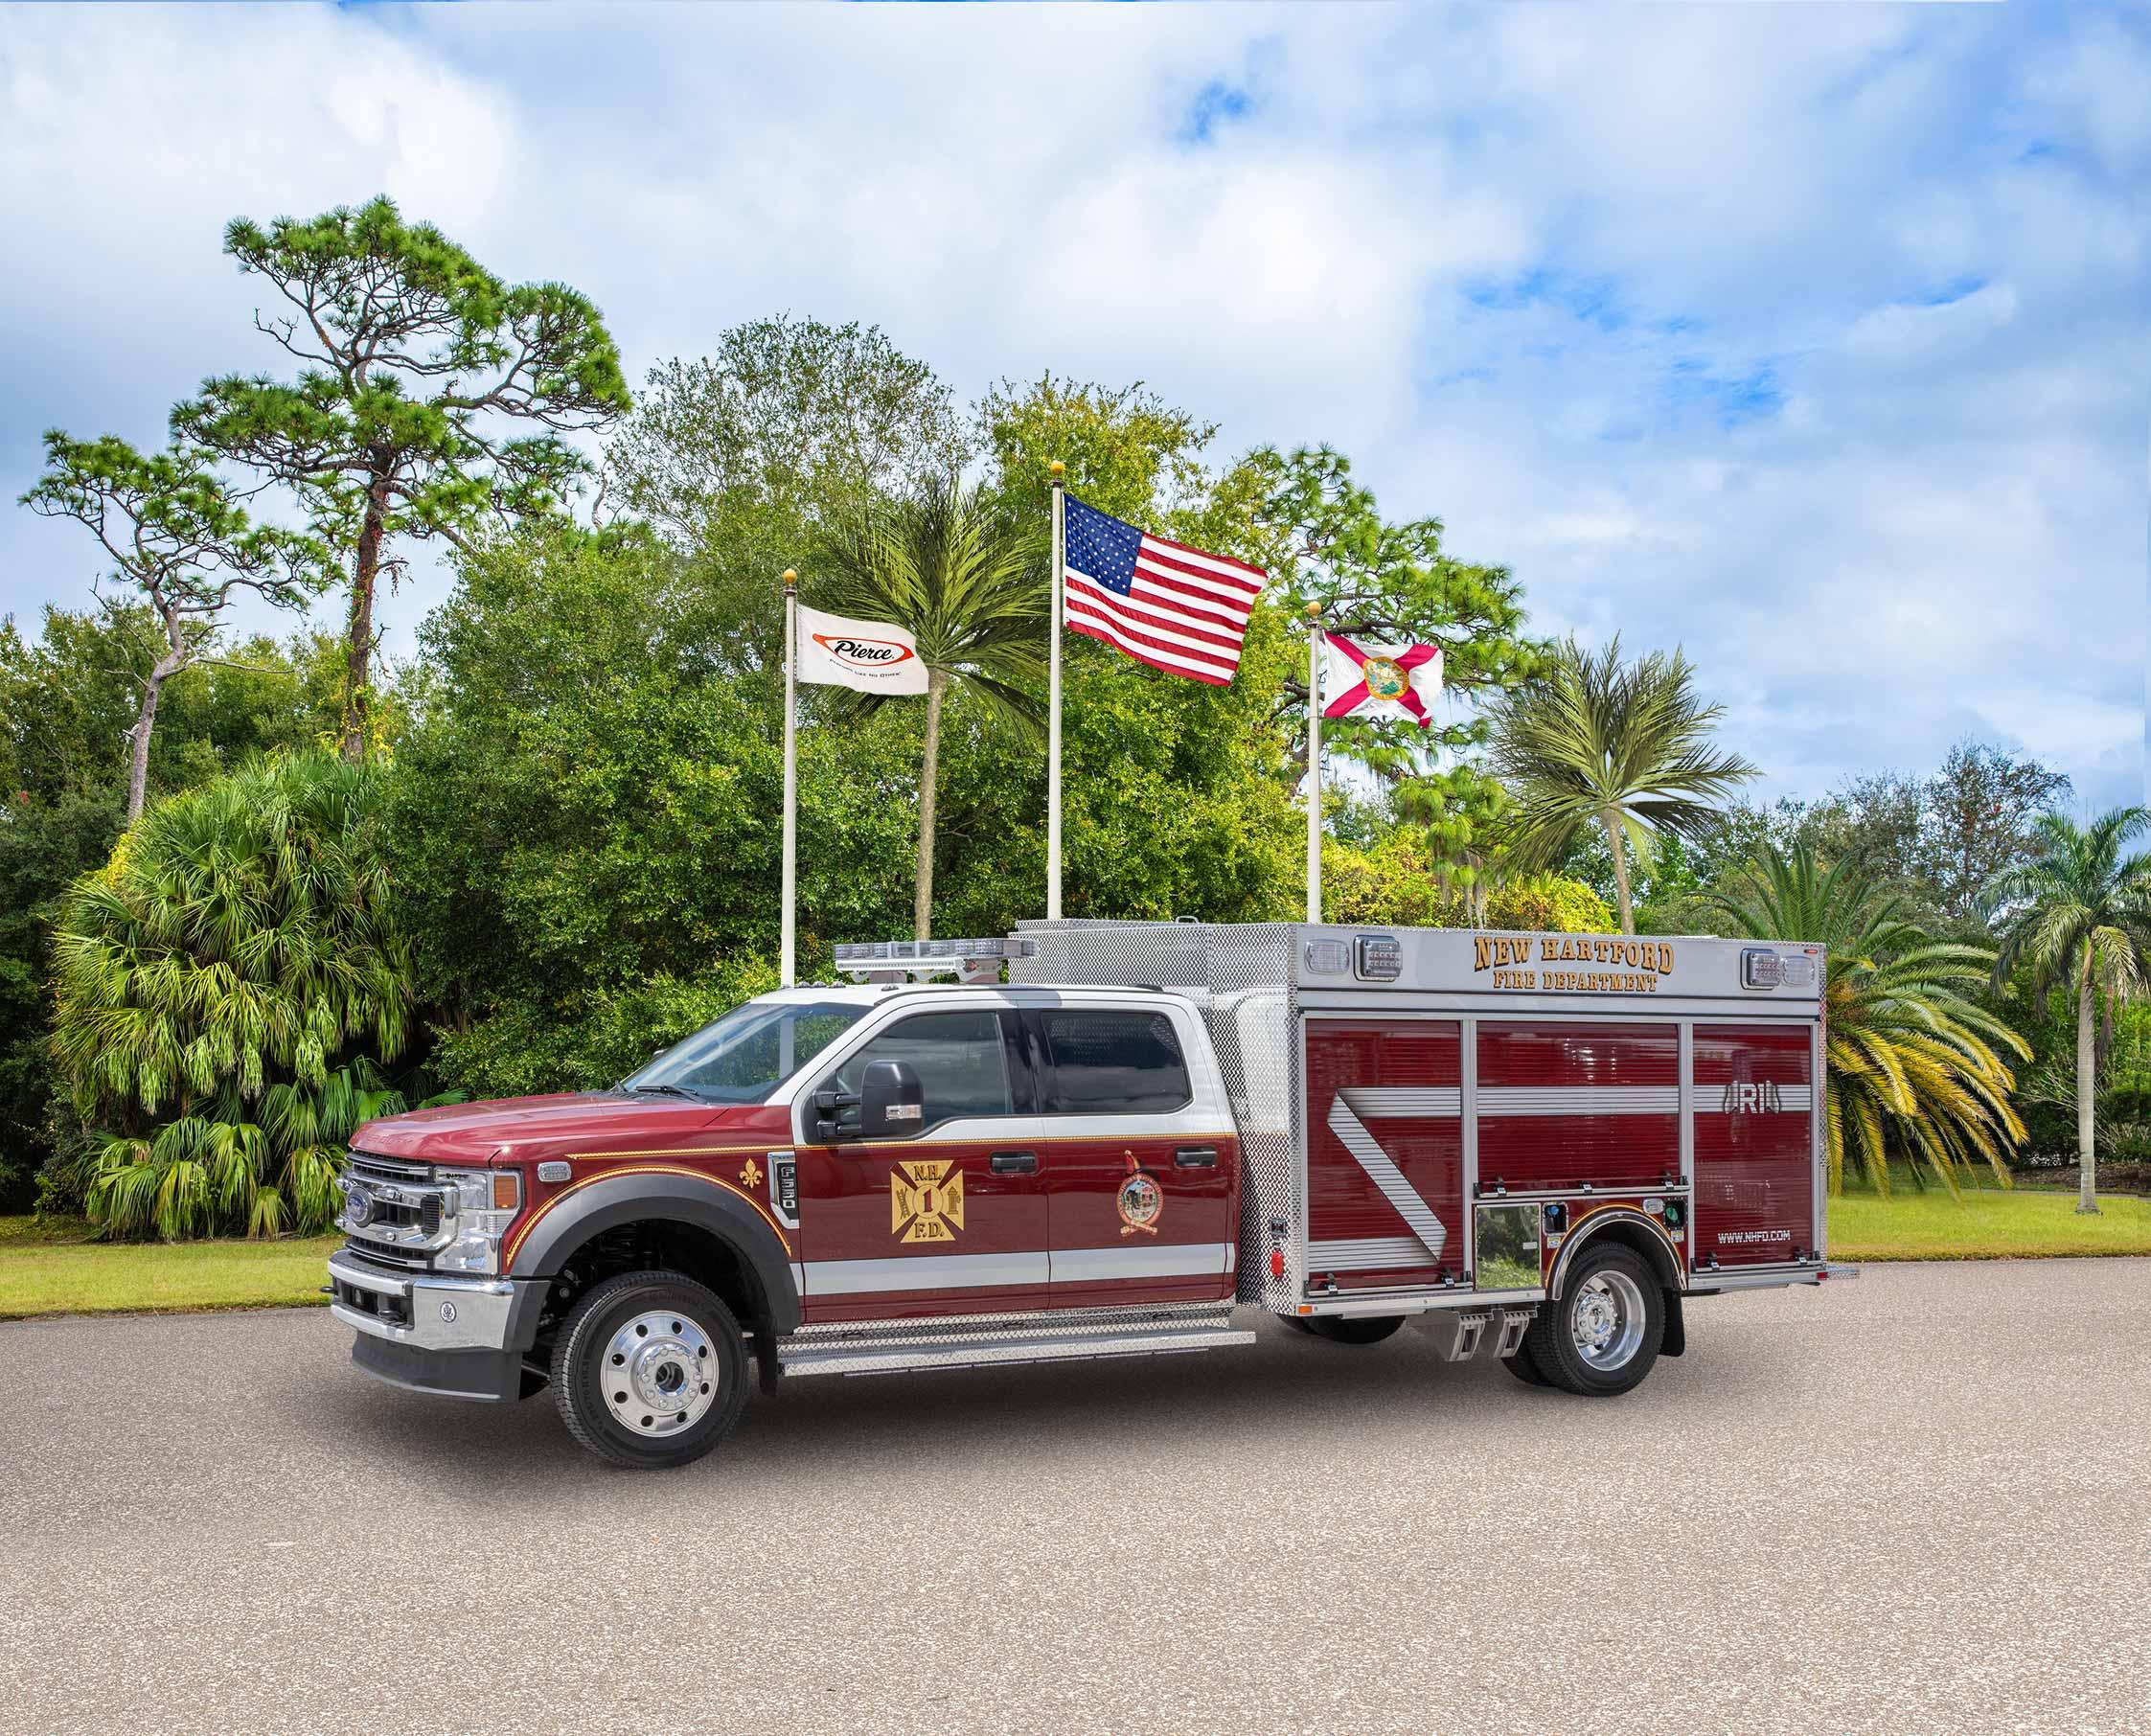 New Hartford - Rescue